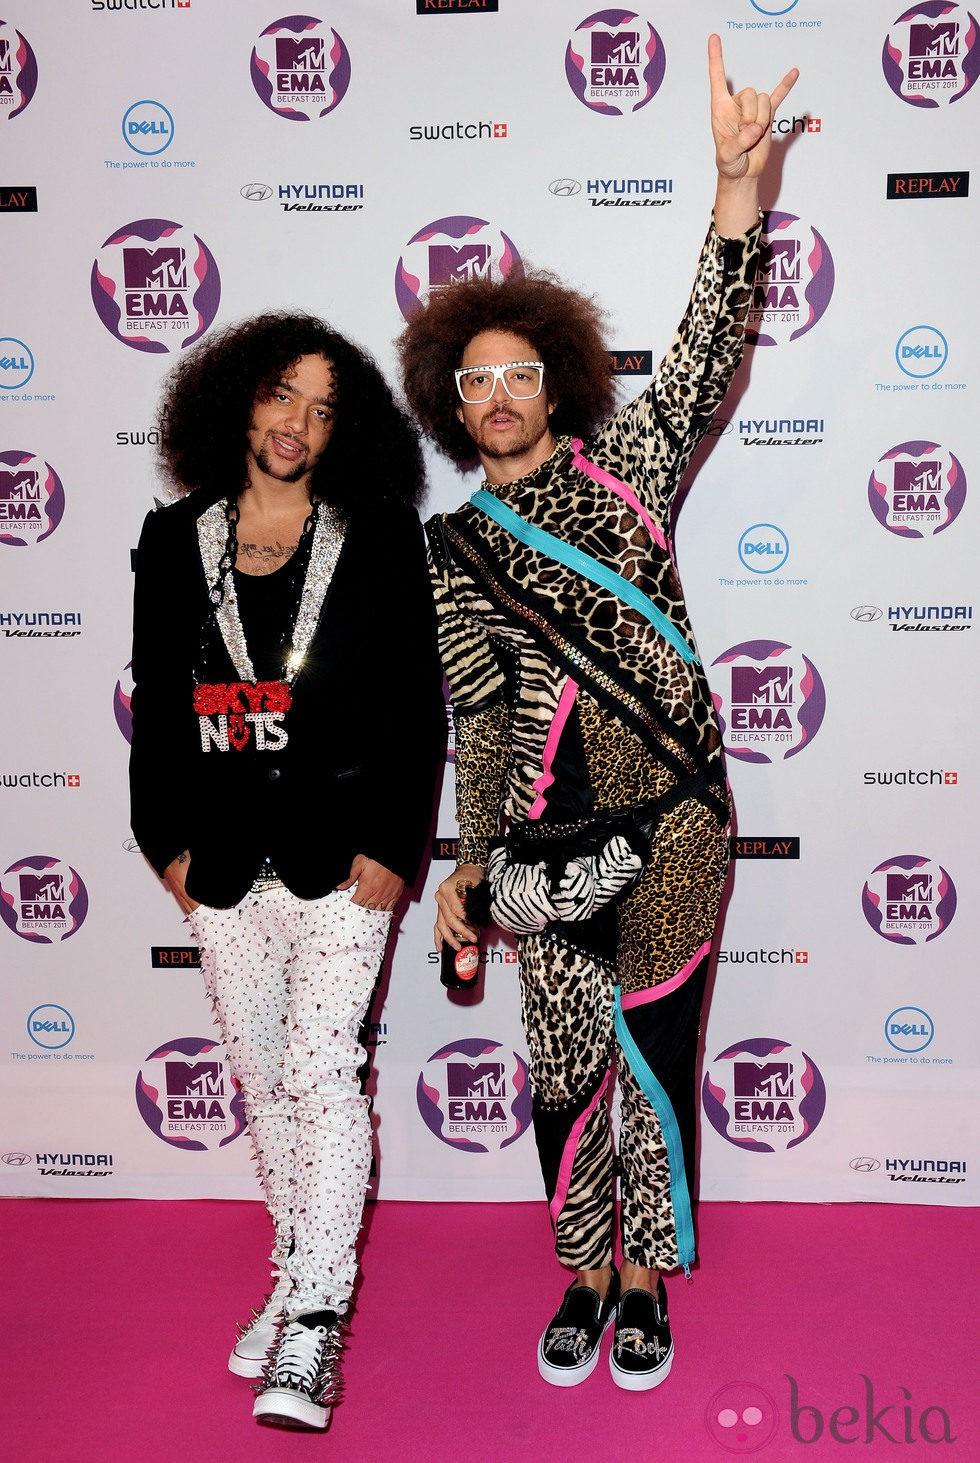 LMFAO en los MTV Europe Music Awards 2011 con sus melenas cardadas